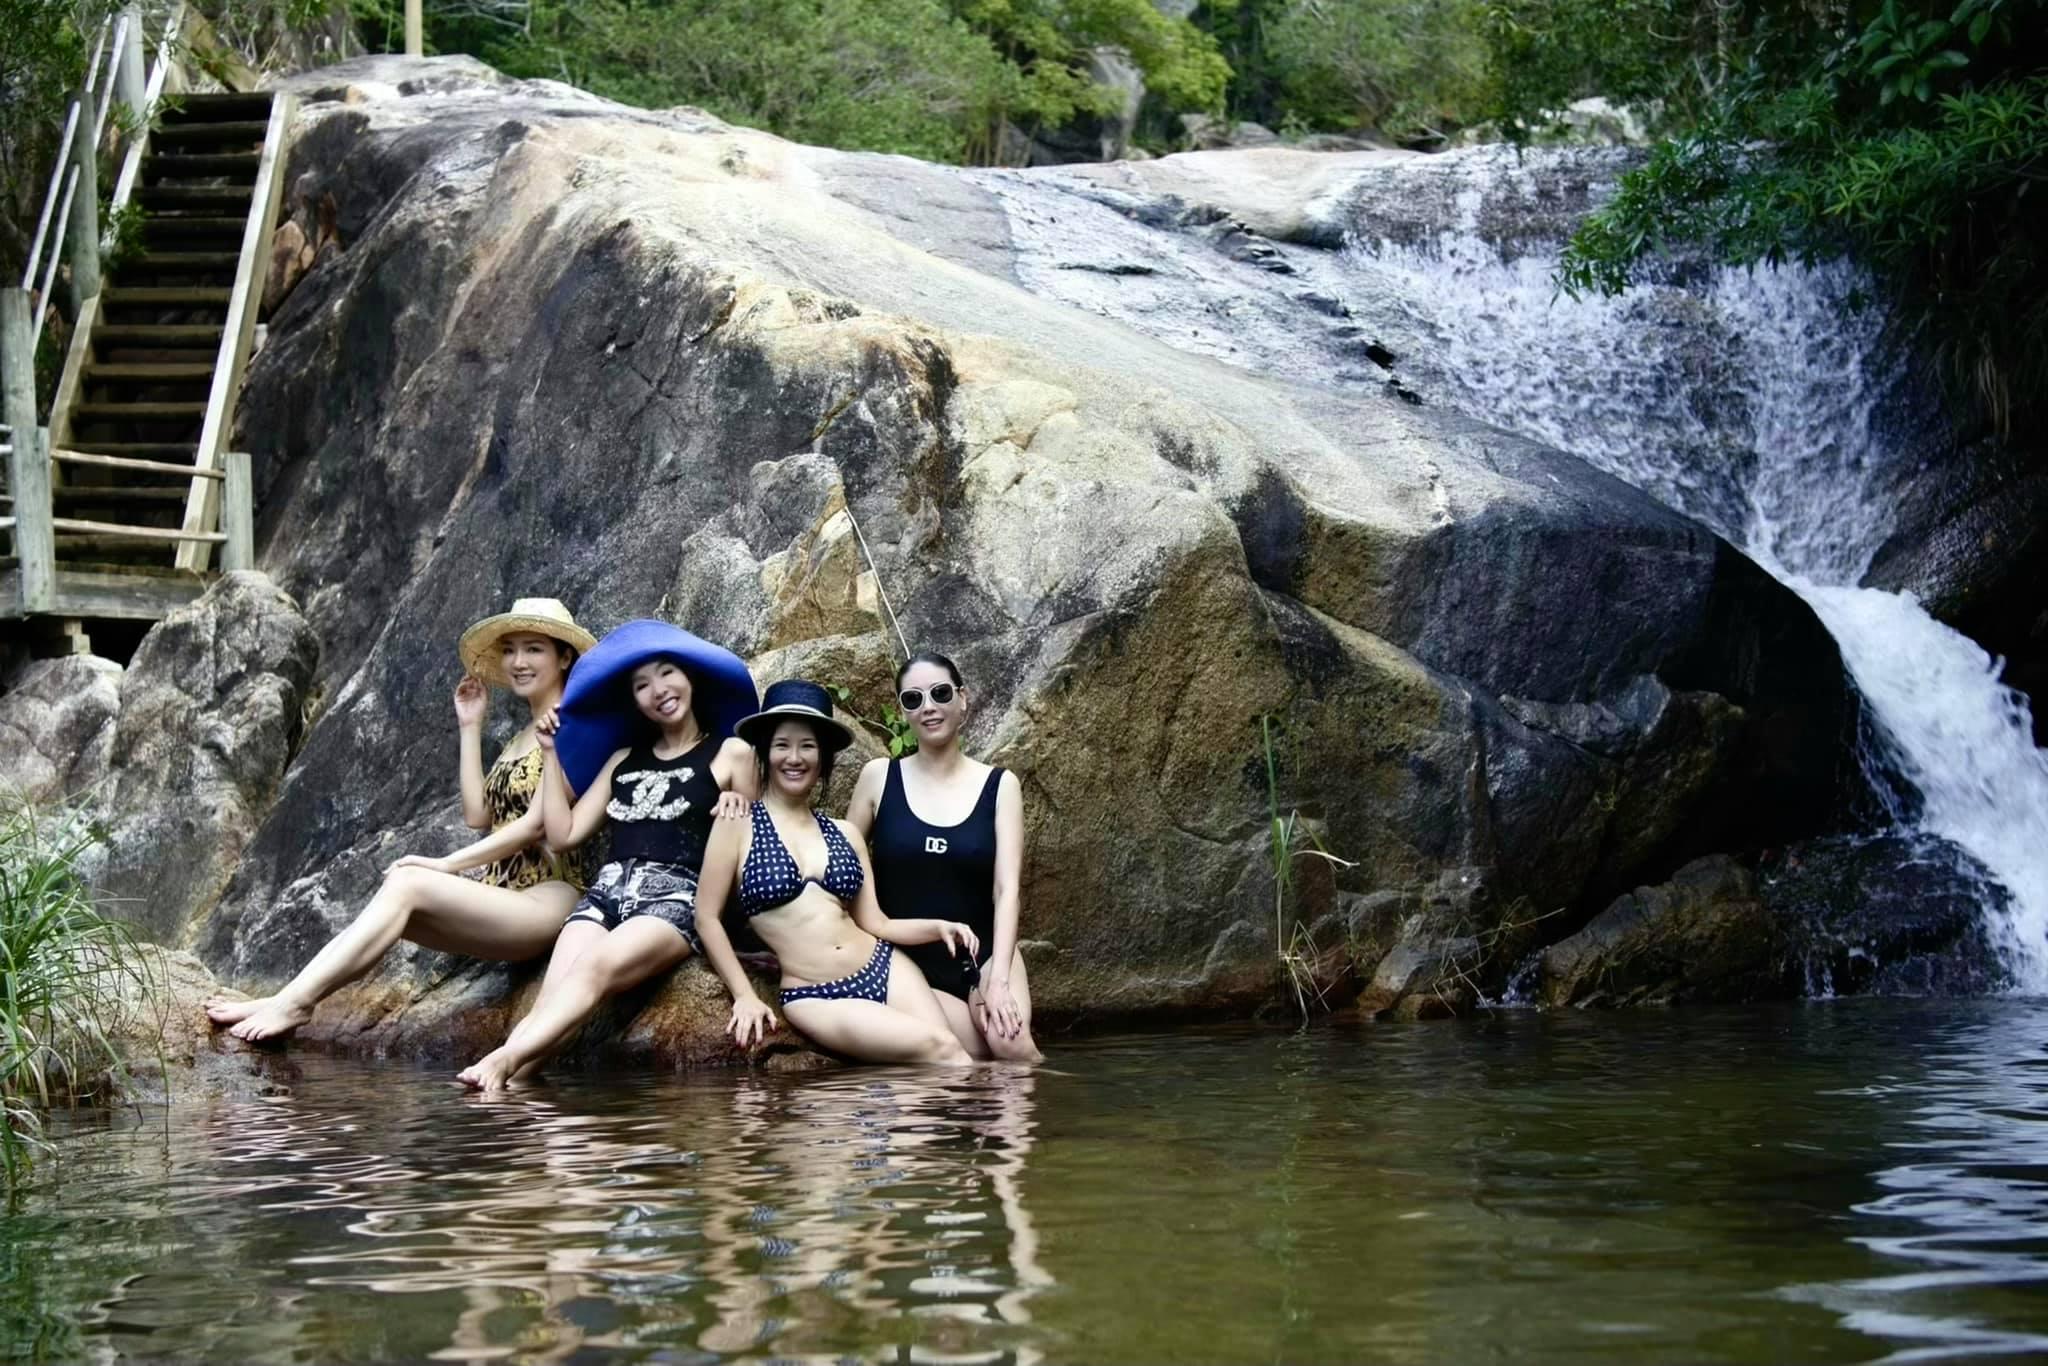 Ca sĩ Hồng Nhung đang có chuyến du lịch nghỉ dưỡng tại một resort nổi tiếng ở Nha Trang. Bạn trai cô cùng một số người bạn thân thiết như hoa hậu Hà Kiều Anh, Giáng My... cũng có mặt trong chuyến đi này. Trong ảnh, cô Bống tự tin khoe body săn chắc ở tuổi 50 khiến nhiều người ngưỡng mộ.